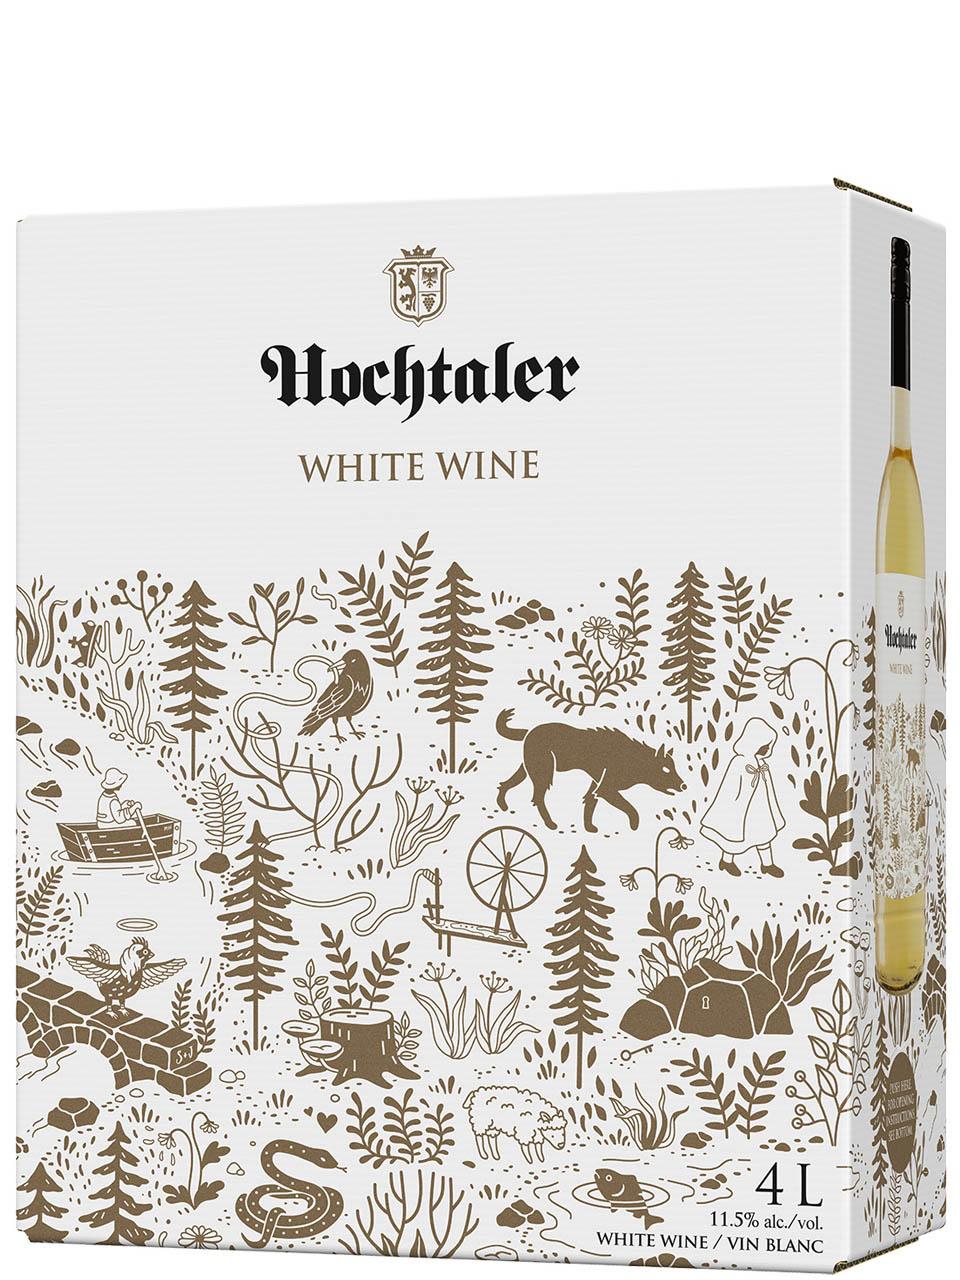 Hochtaler Bag/Box